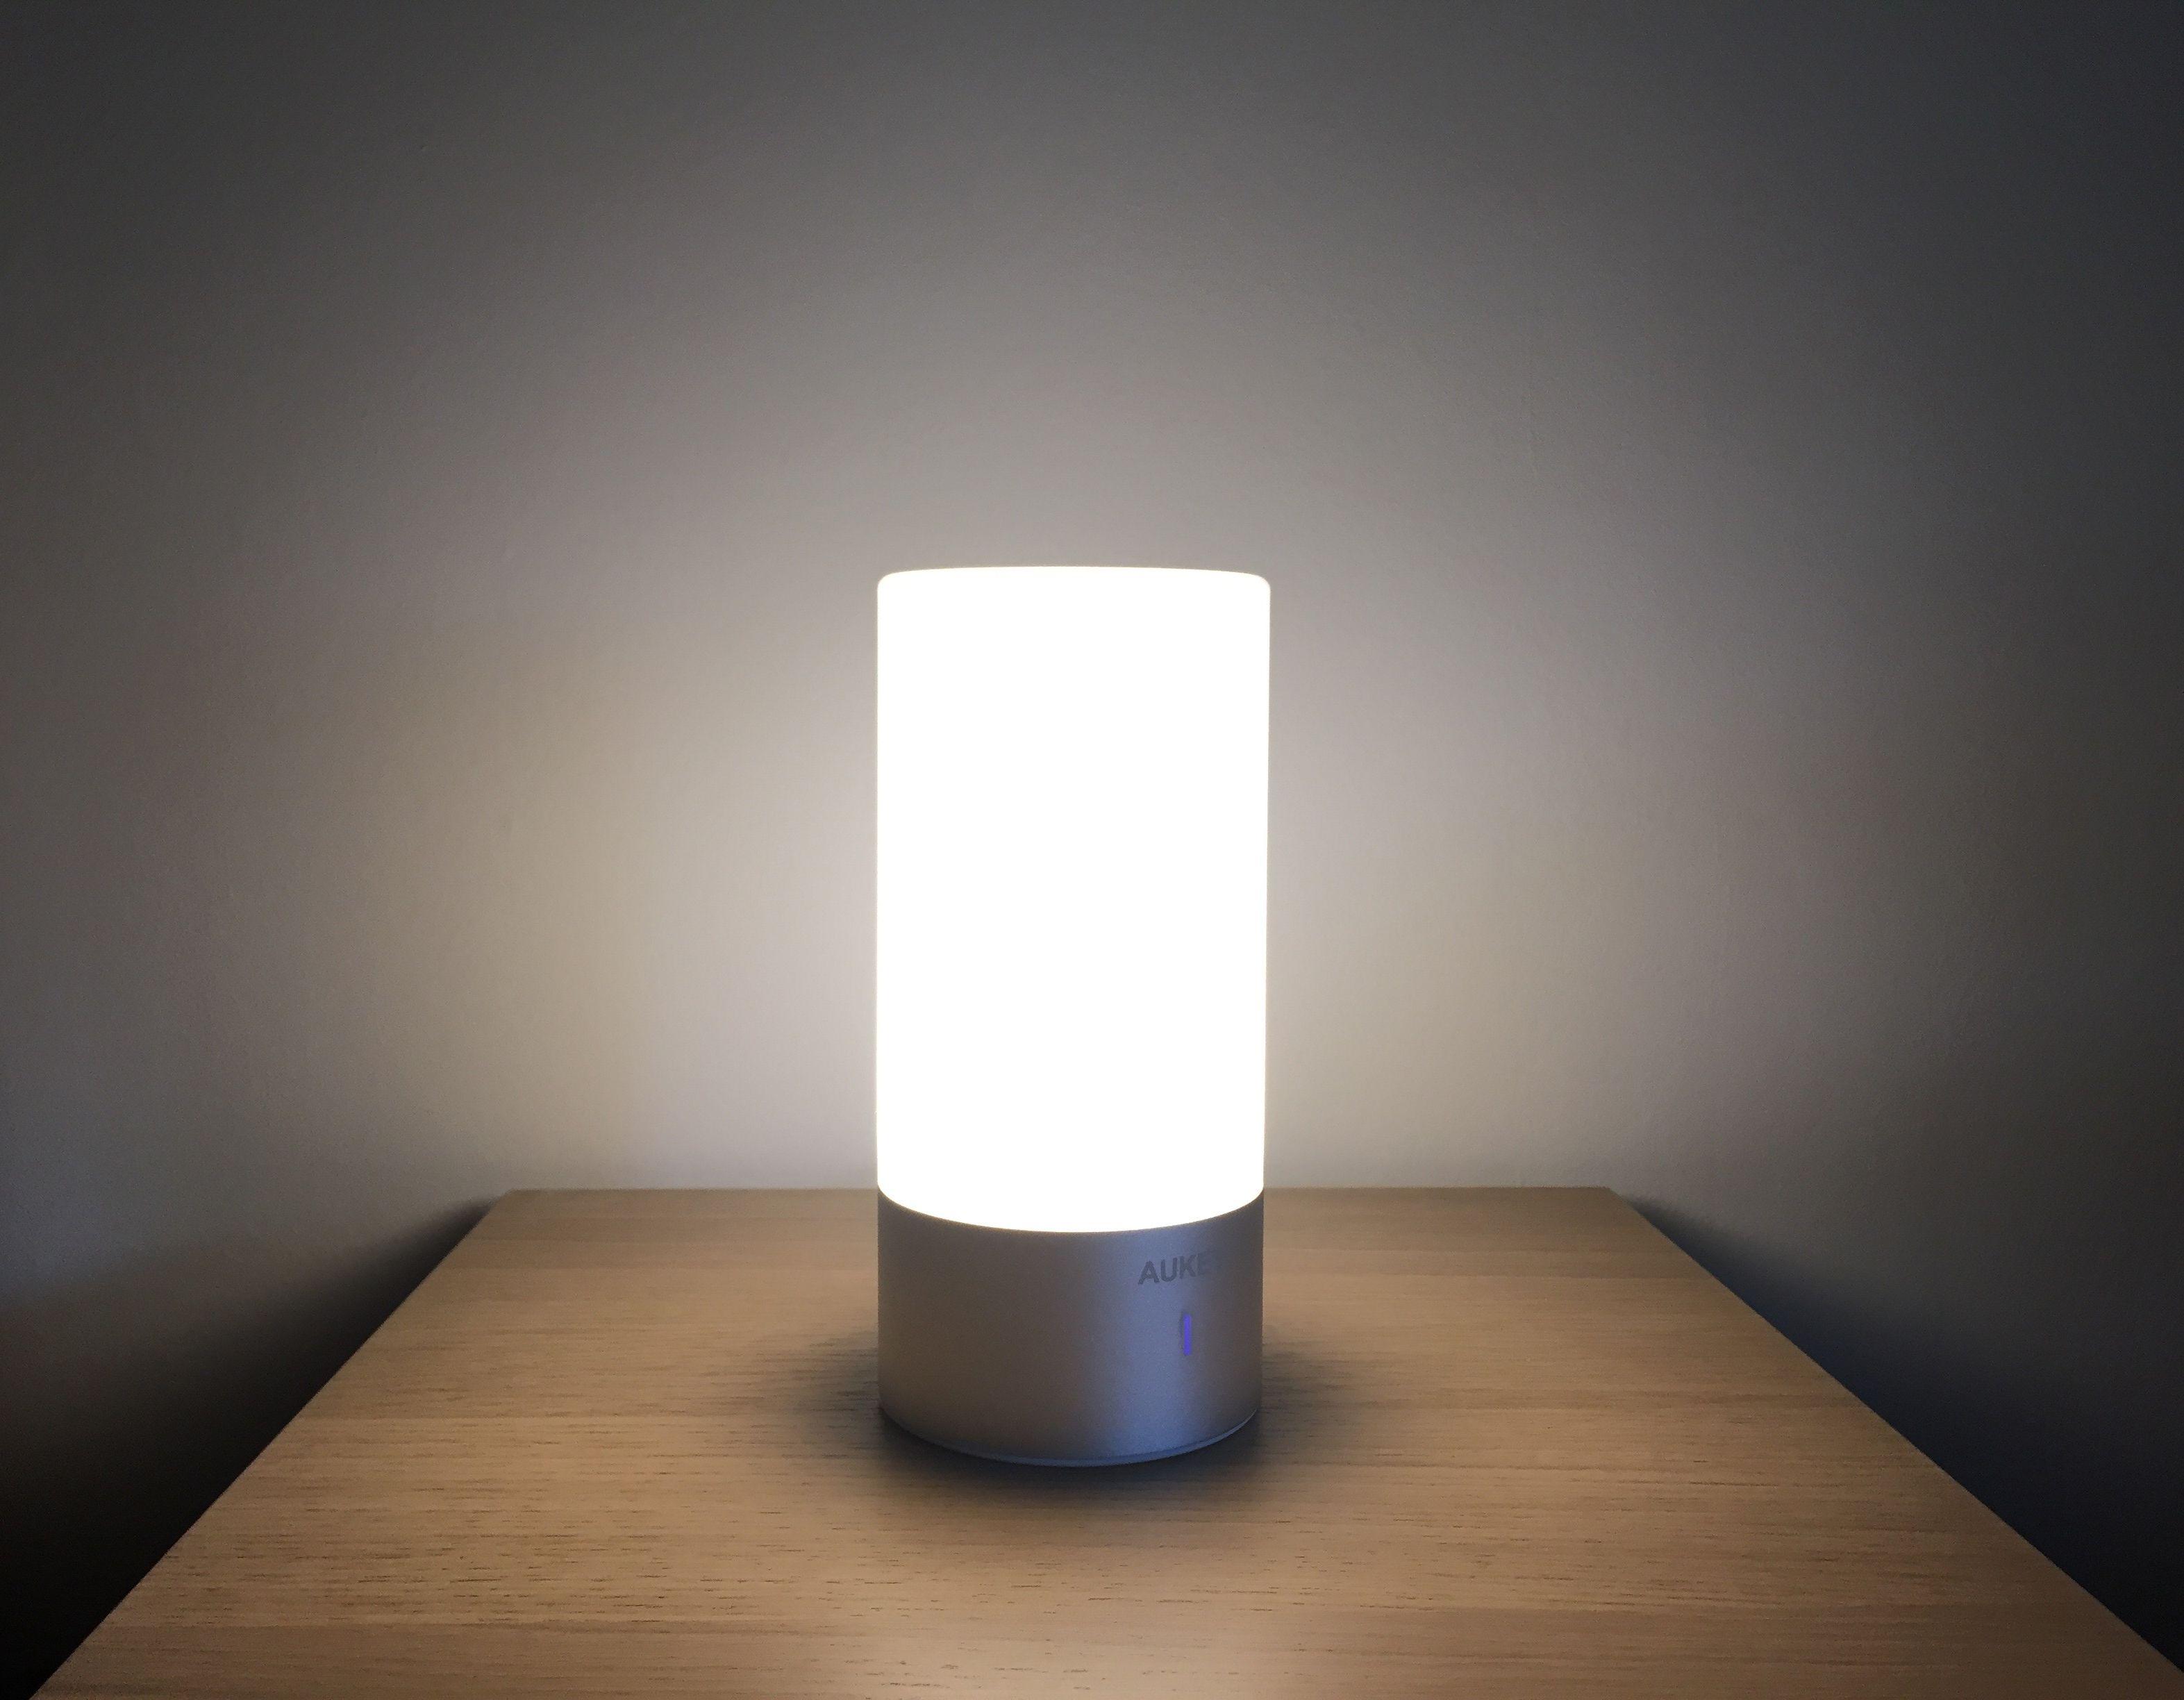 Résultat Supérieur 32 Nouveau Lampe De Chevet Led graphie 2018